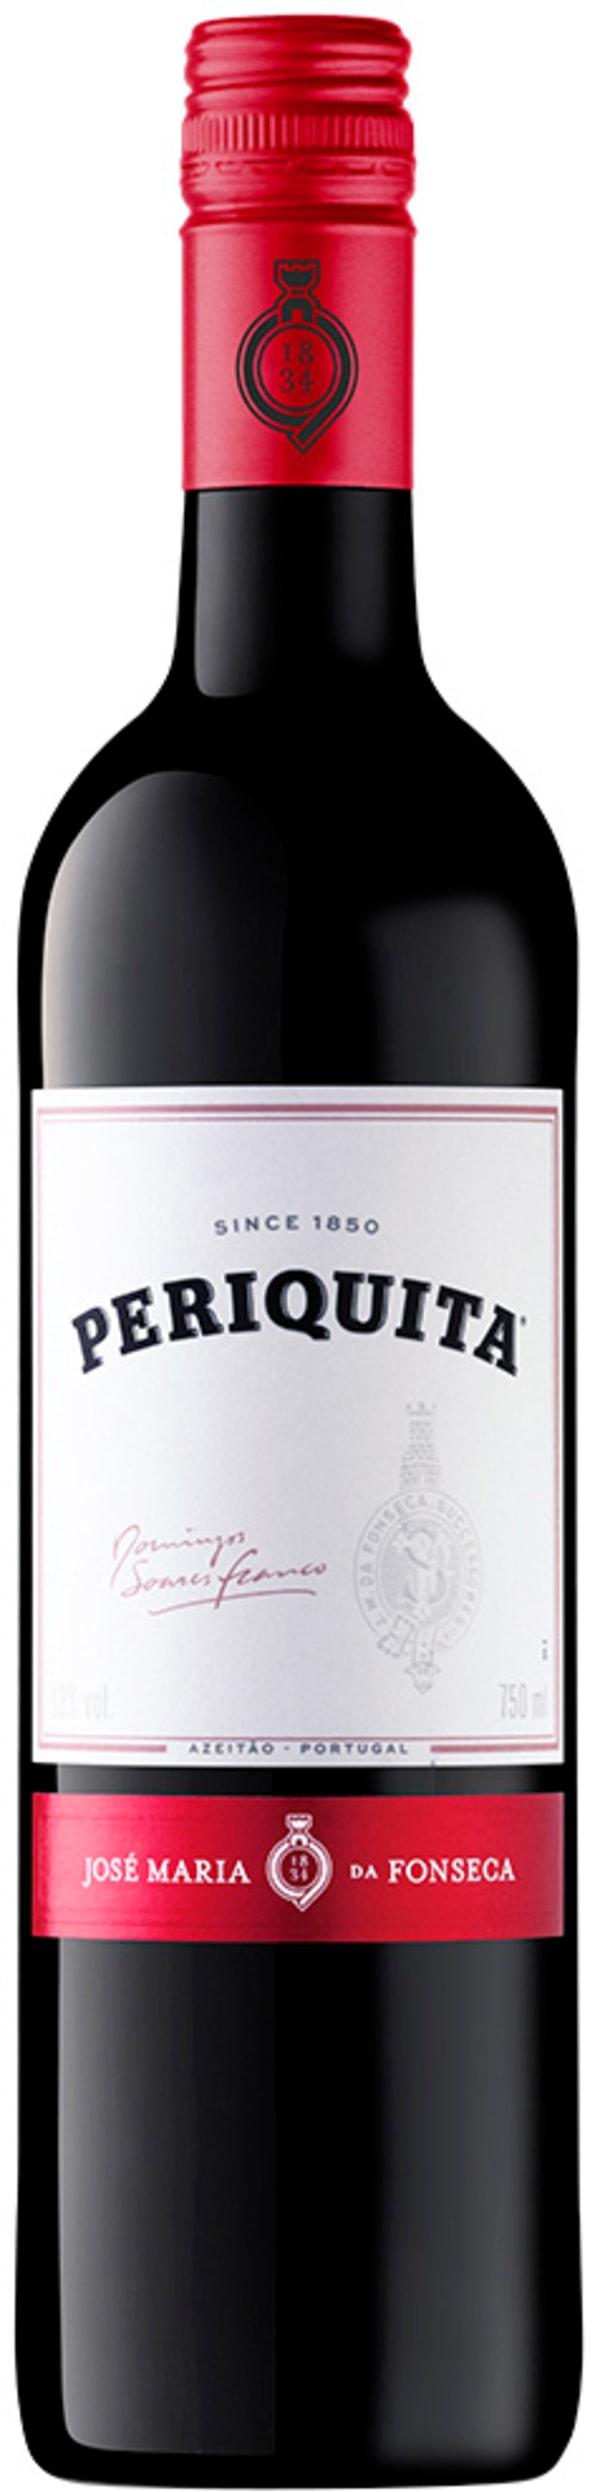 Periquita Red 2014